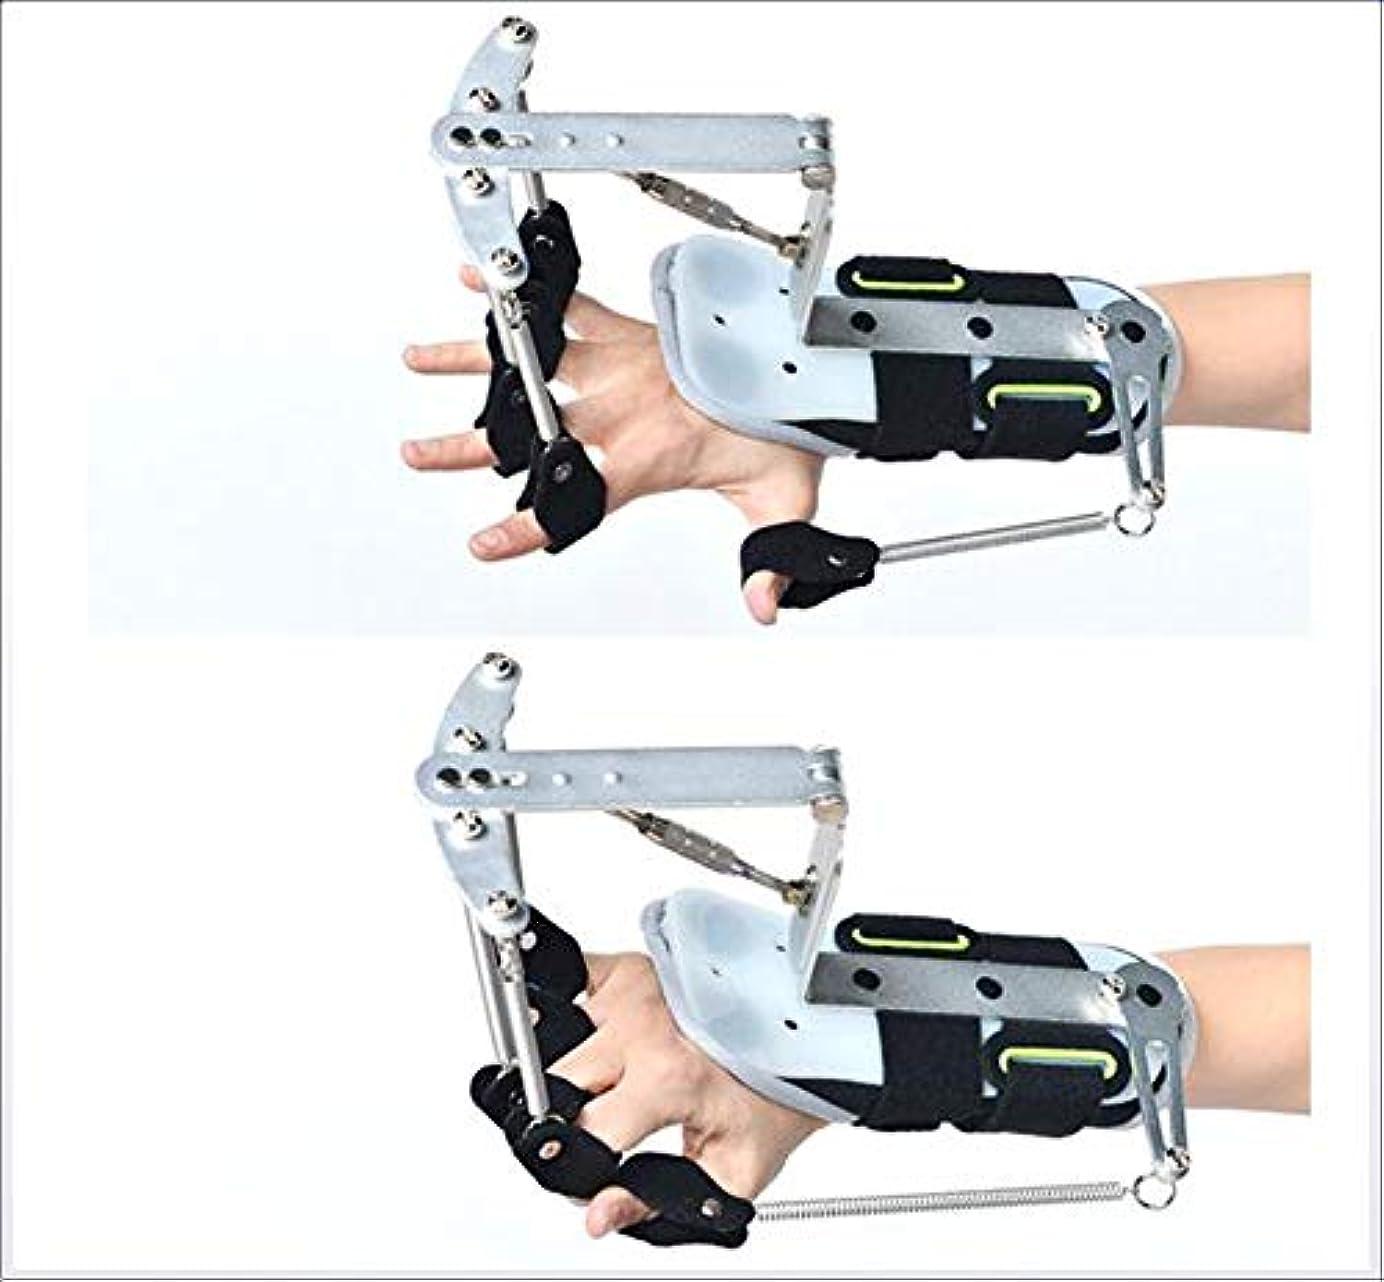 信じるスリラー検閲指手首装具指エクササイザー指リハビリテーショントレーニング指とグリッパートレーニング機器に適した脳卒中片麻痺